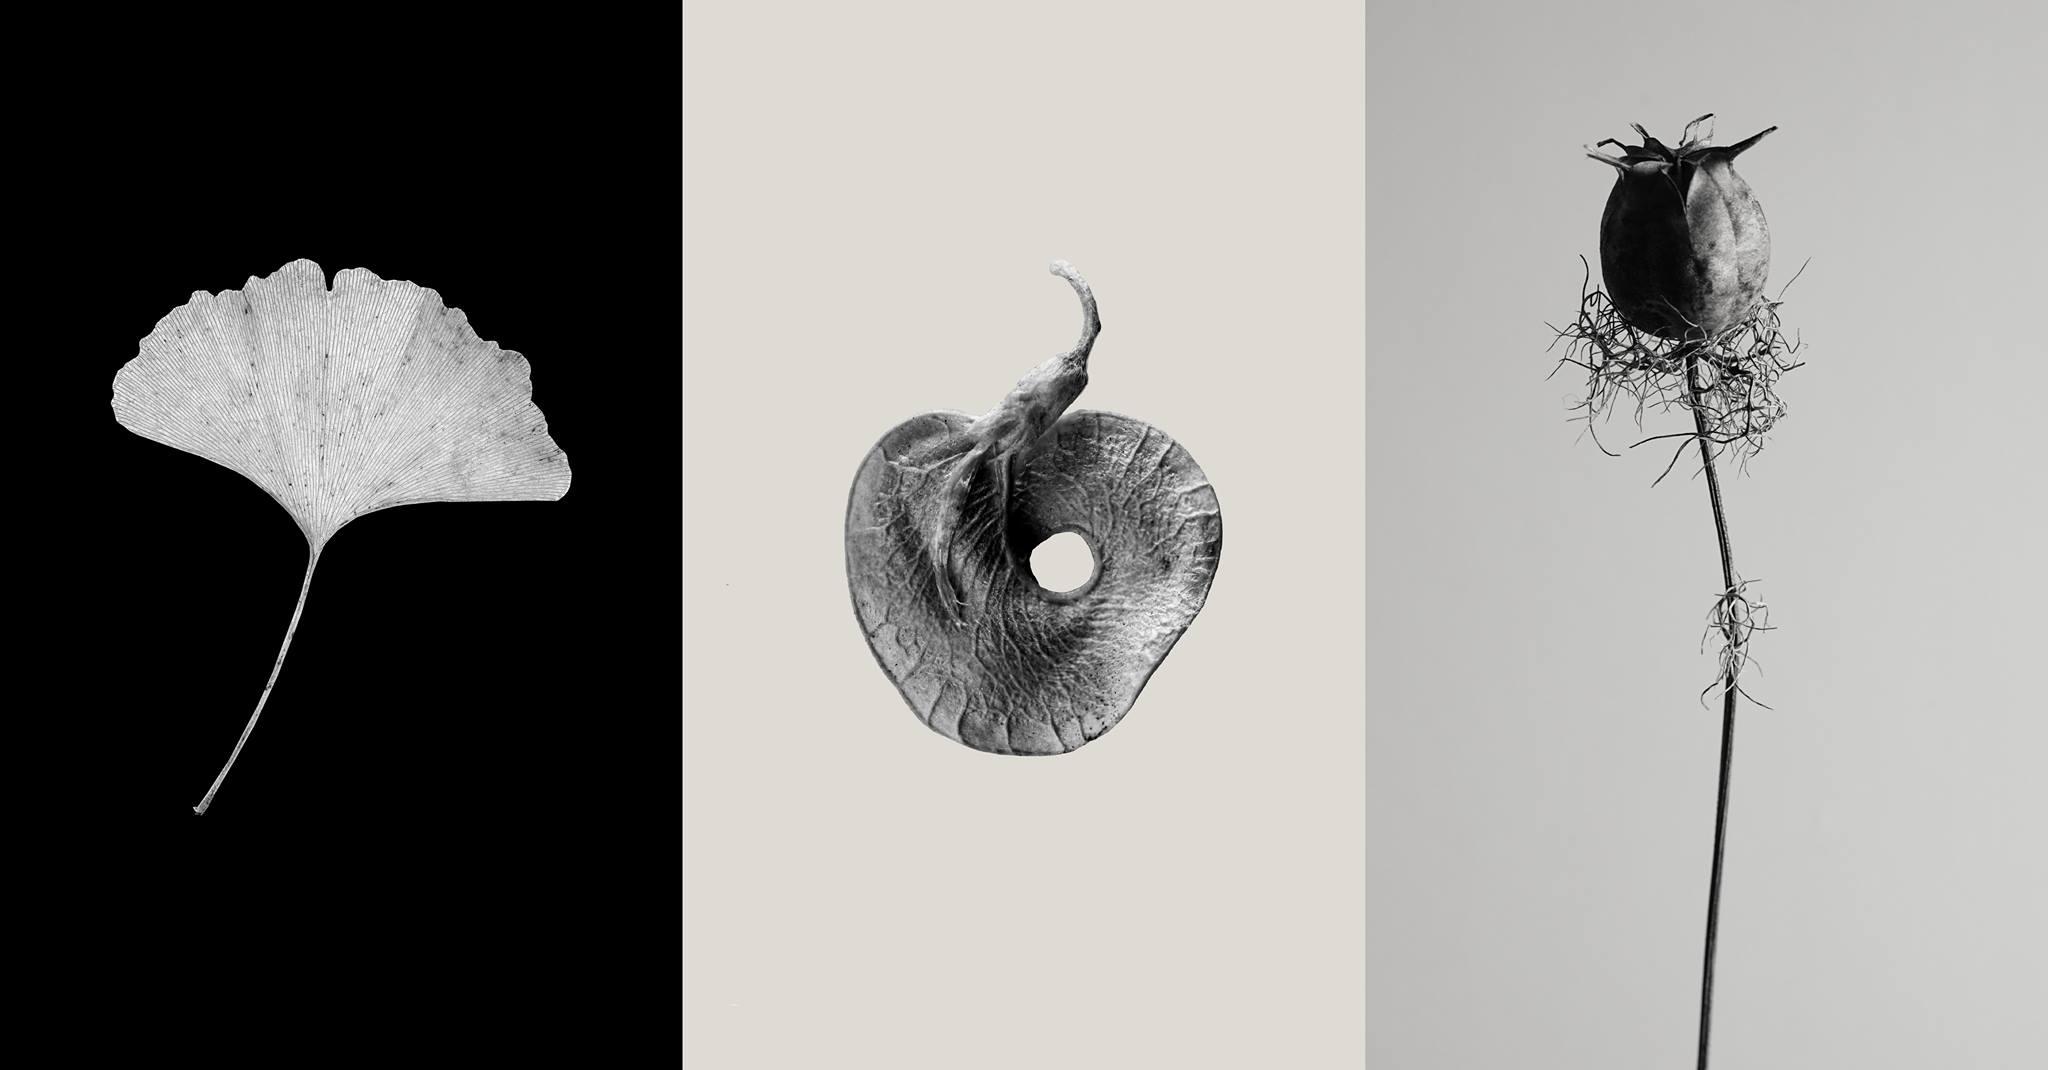 Die drei Fotoreihen